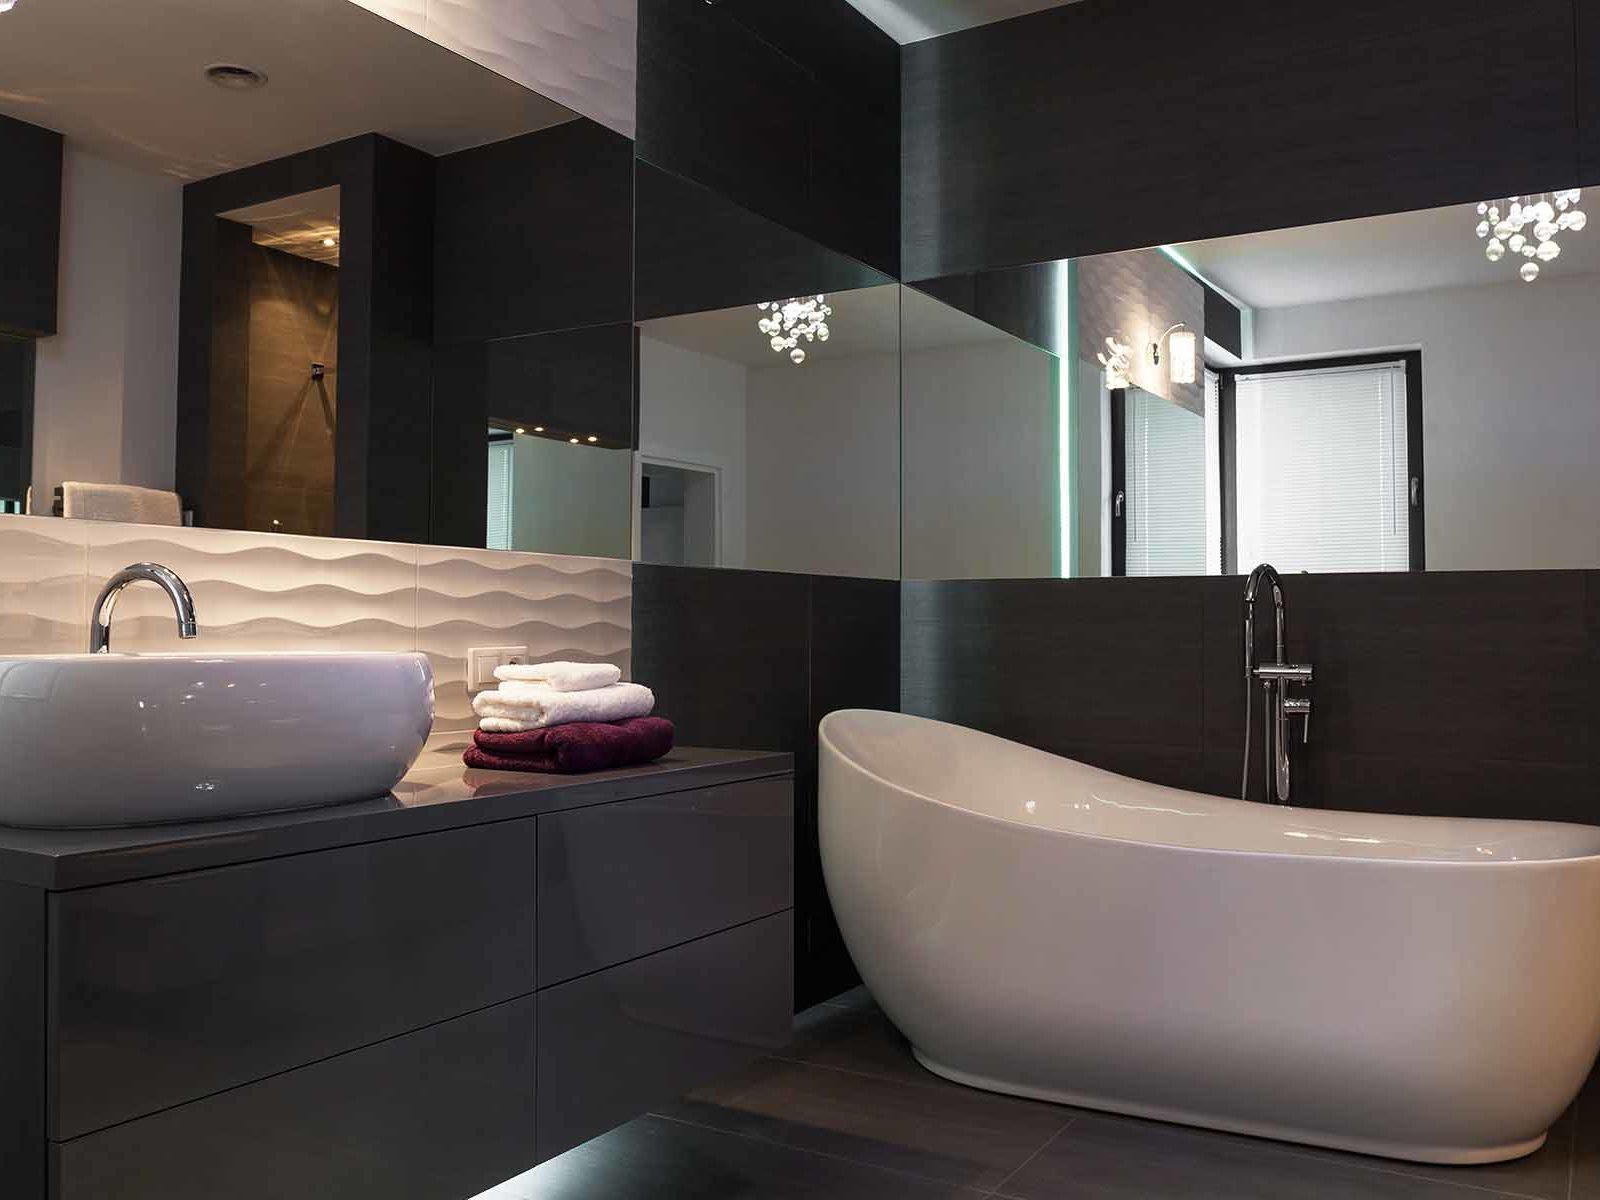 Moderne bad med store veggspeil